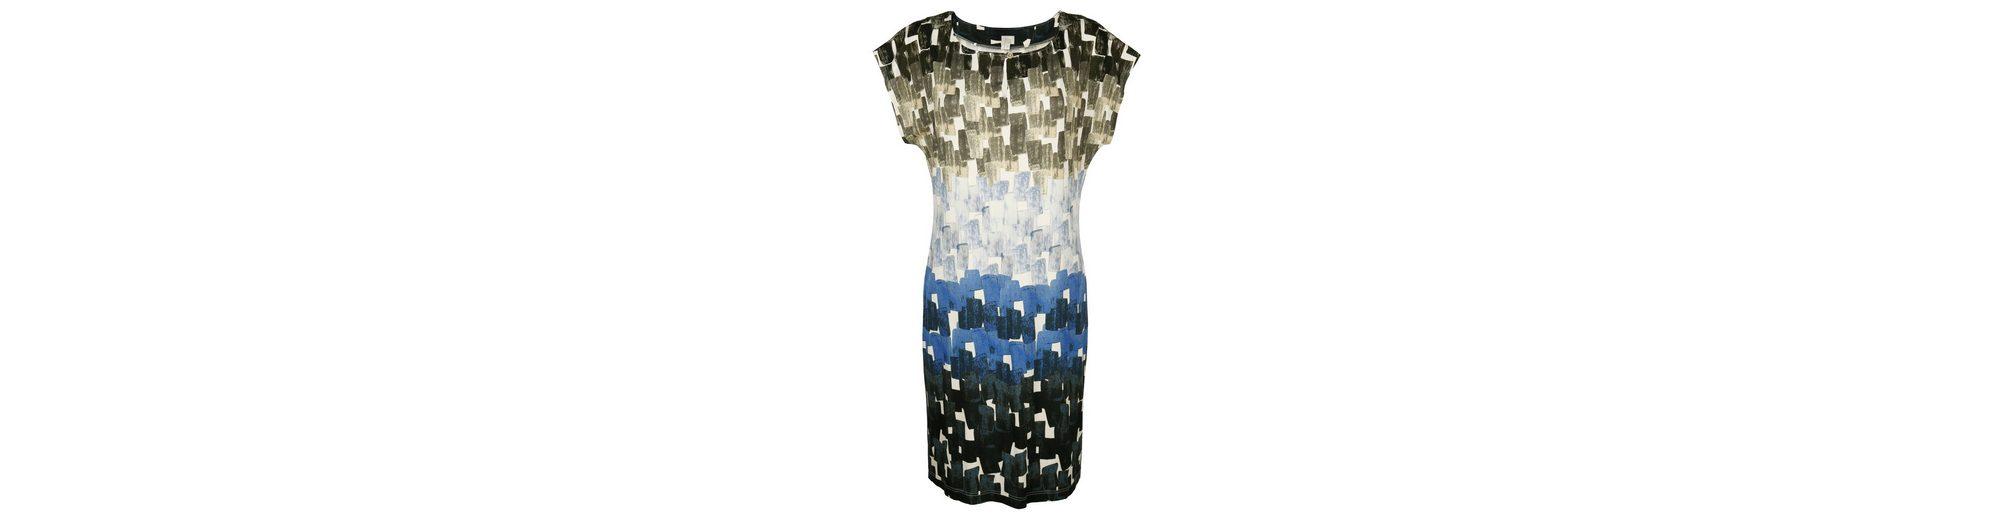 Online Billigsten Freies Verschiffen Bilder Alba Moda Jerseykleid mit attraktivem Druck pvq5zRrg